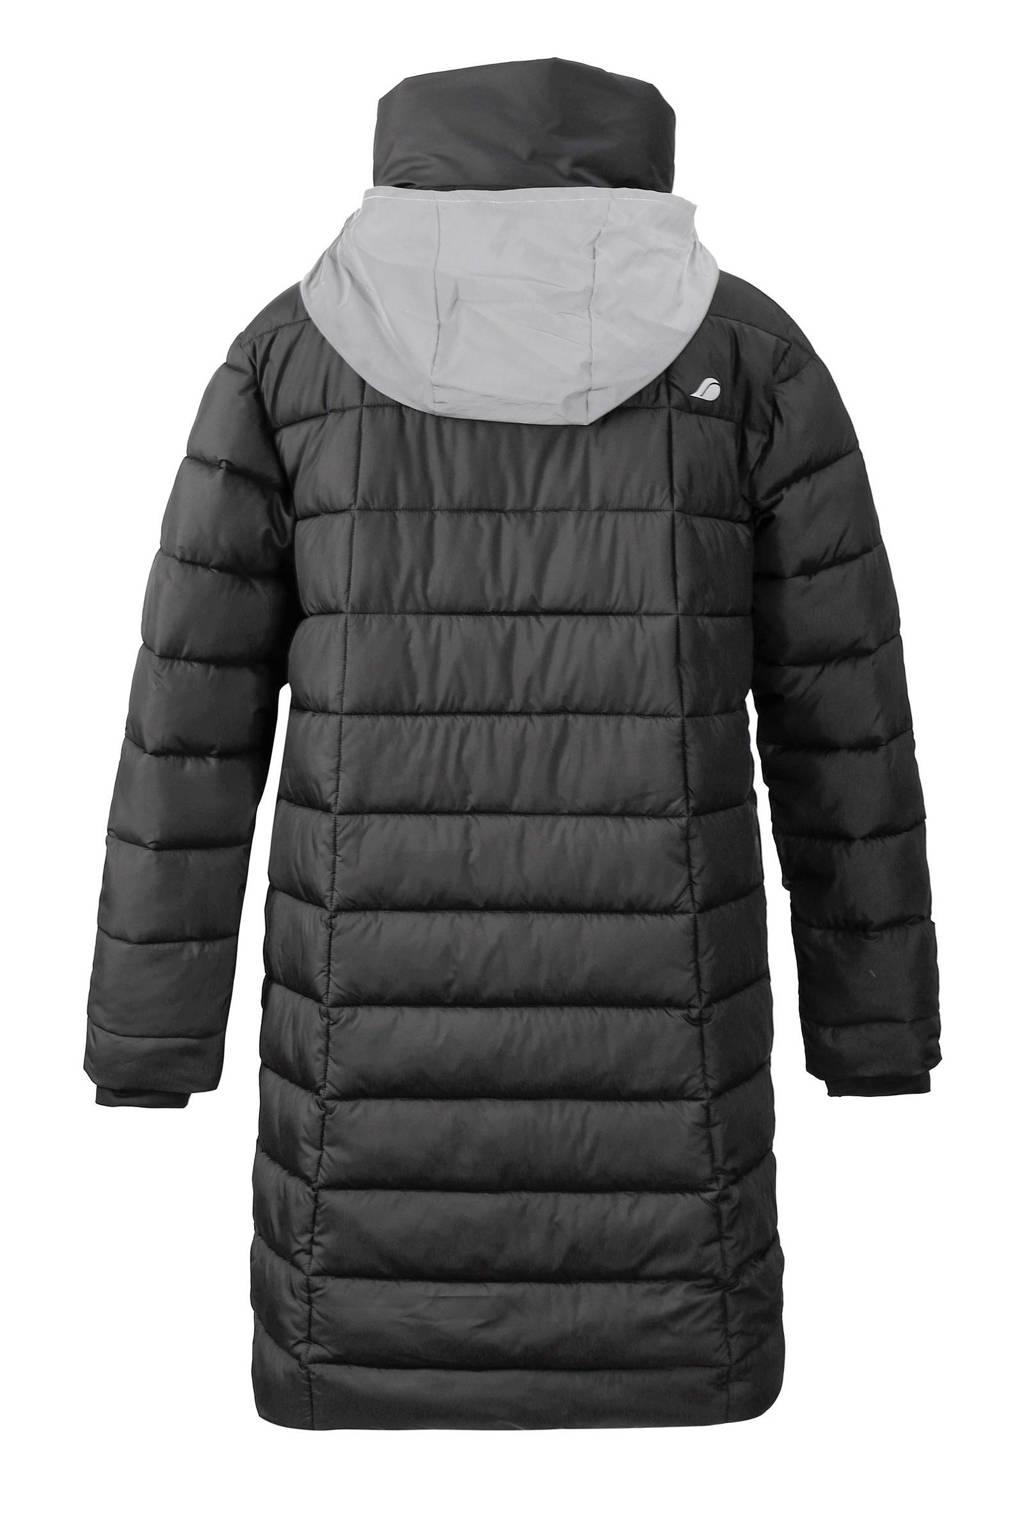 Didriksons gewatteerde jas Hilda zwart, Zwart